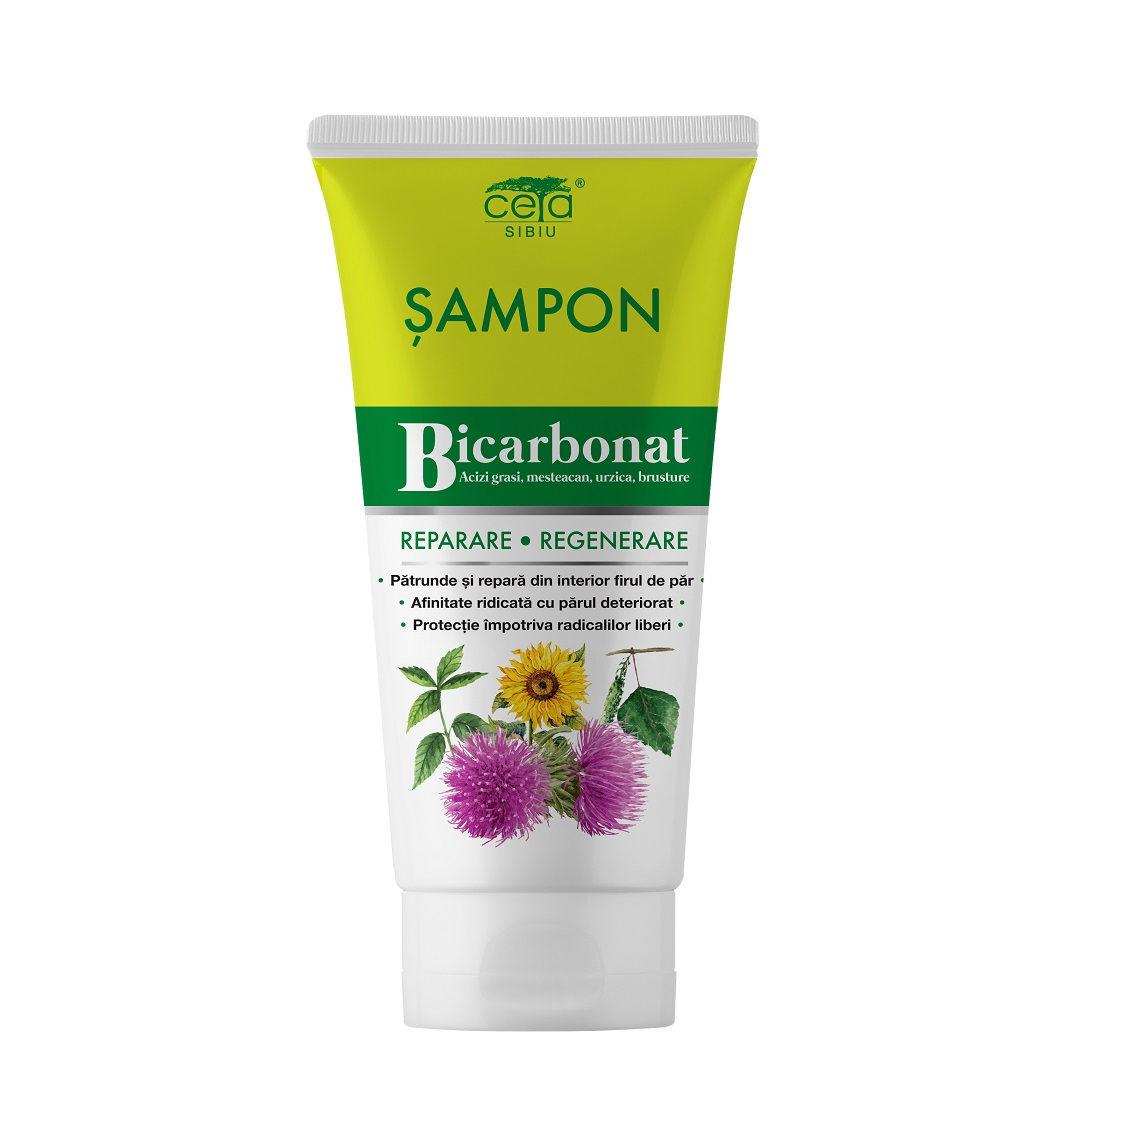 Șampon regenerare și protecție cu bicarbonat, 200 ml, Ceta Sibiu